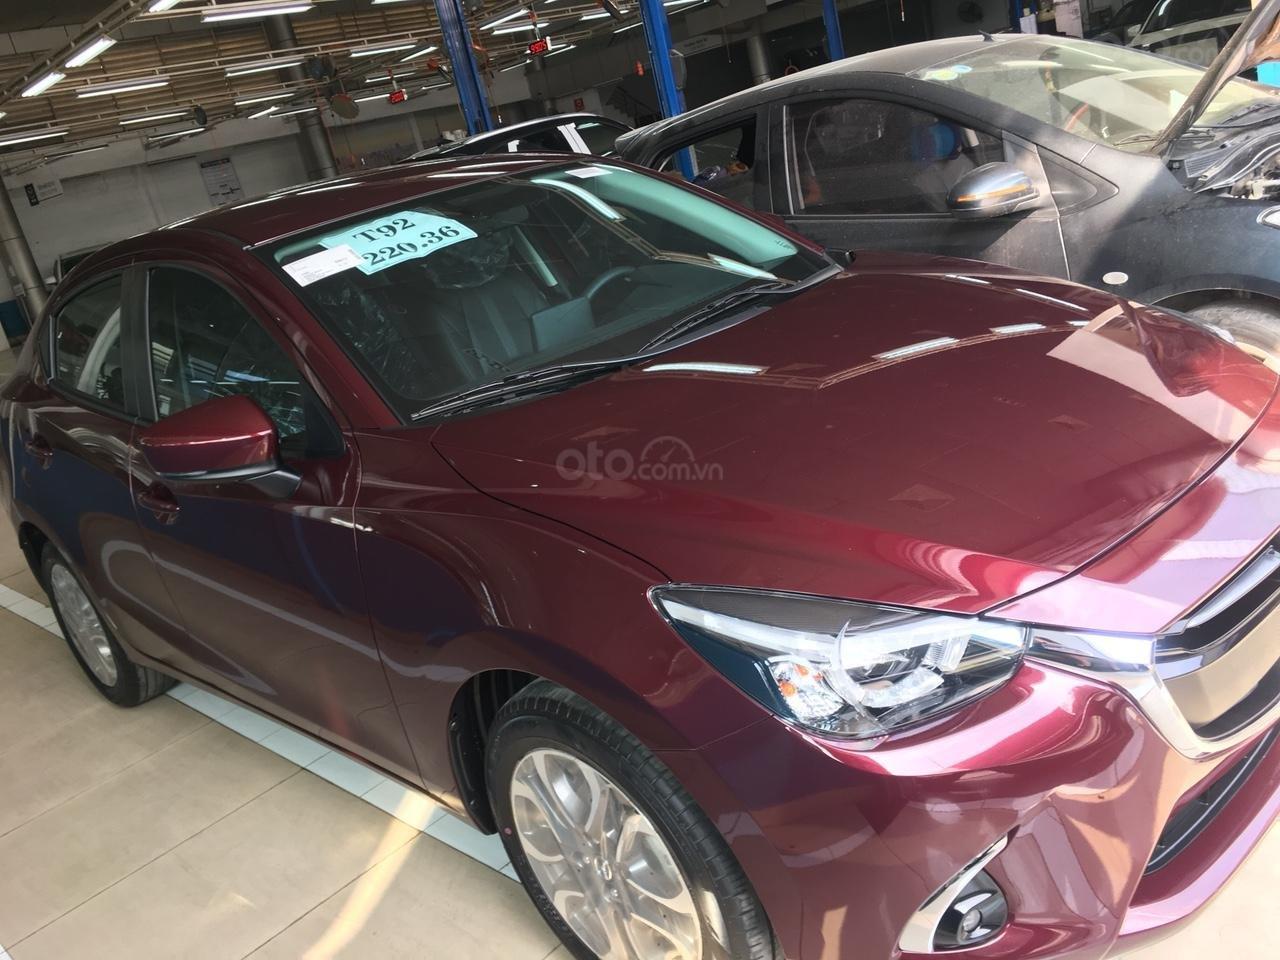 Mazda Hà Đông bán xe Mazda 2 đủ màu, đủ phiên bản giao ngay - LH: 0944601785 để nhận thêm ưu đãi-10